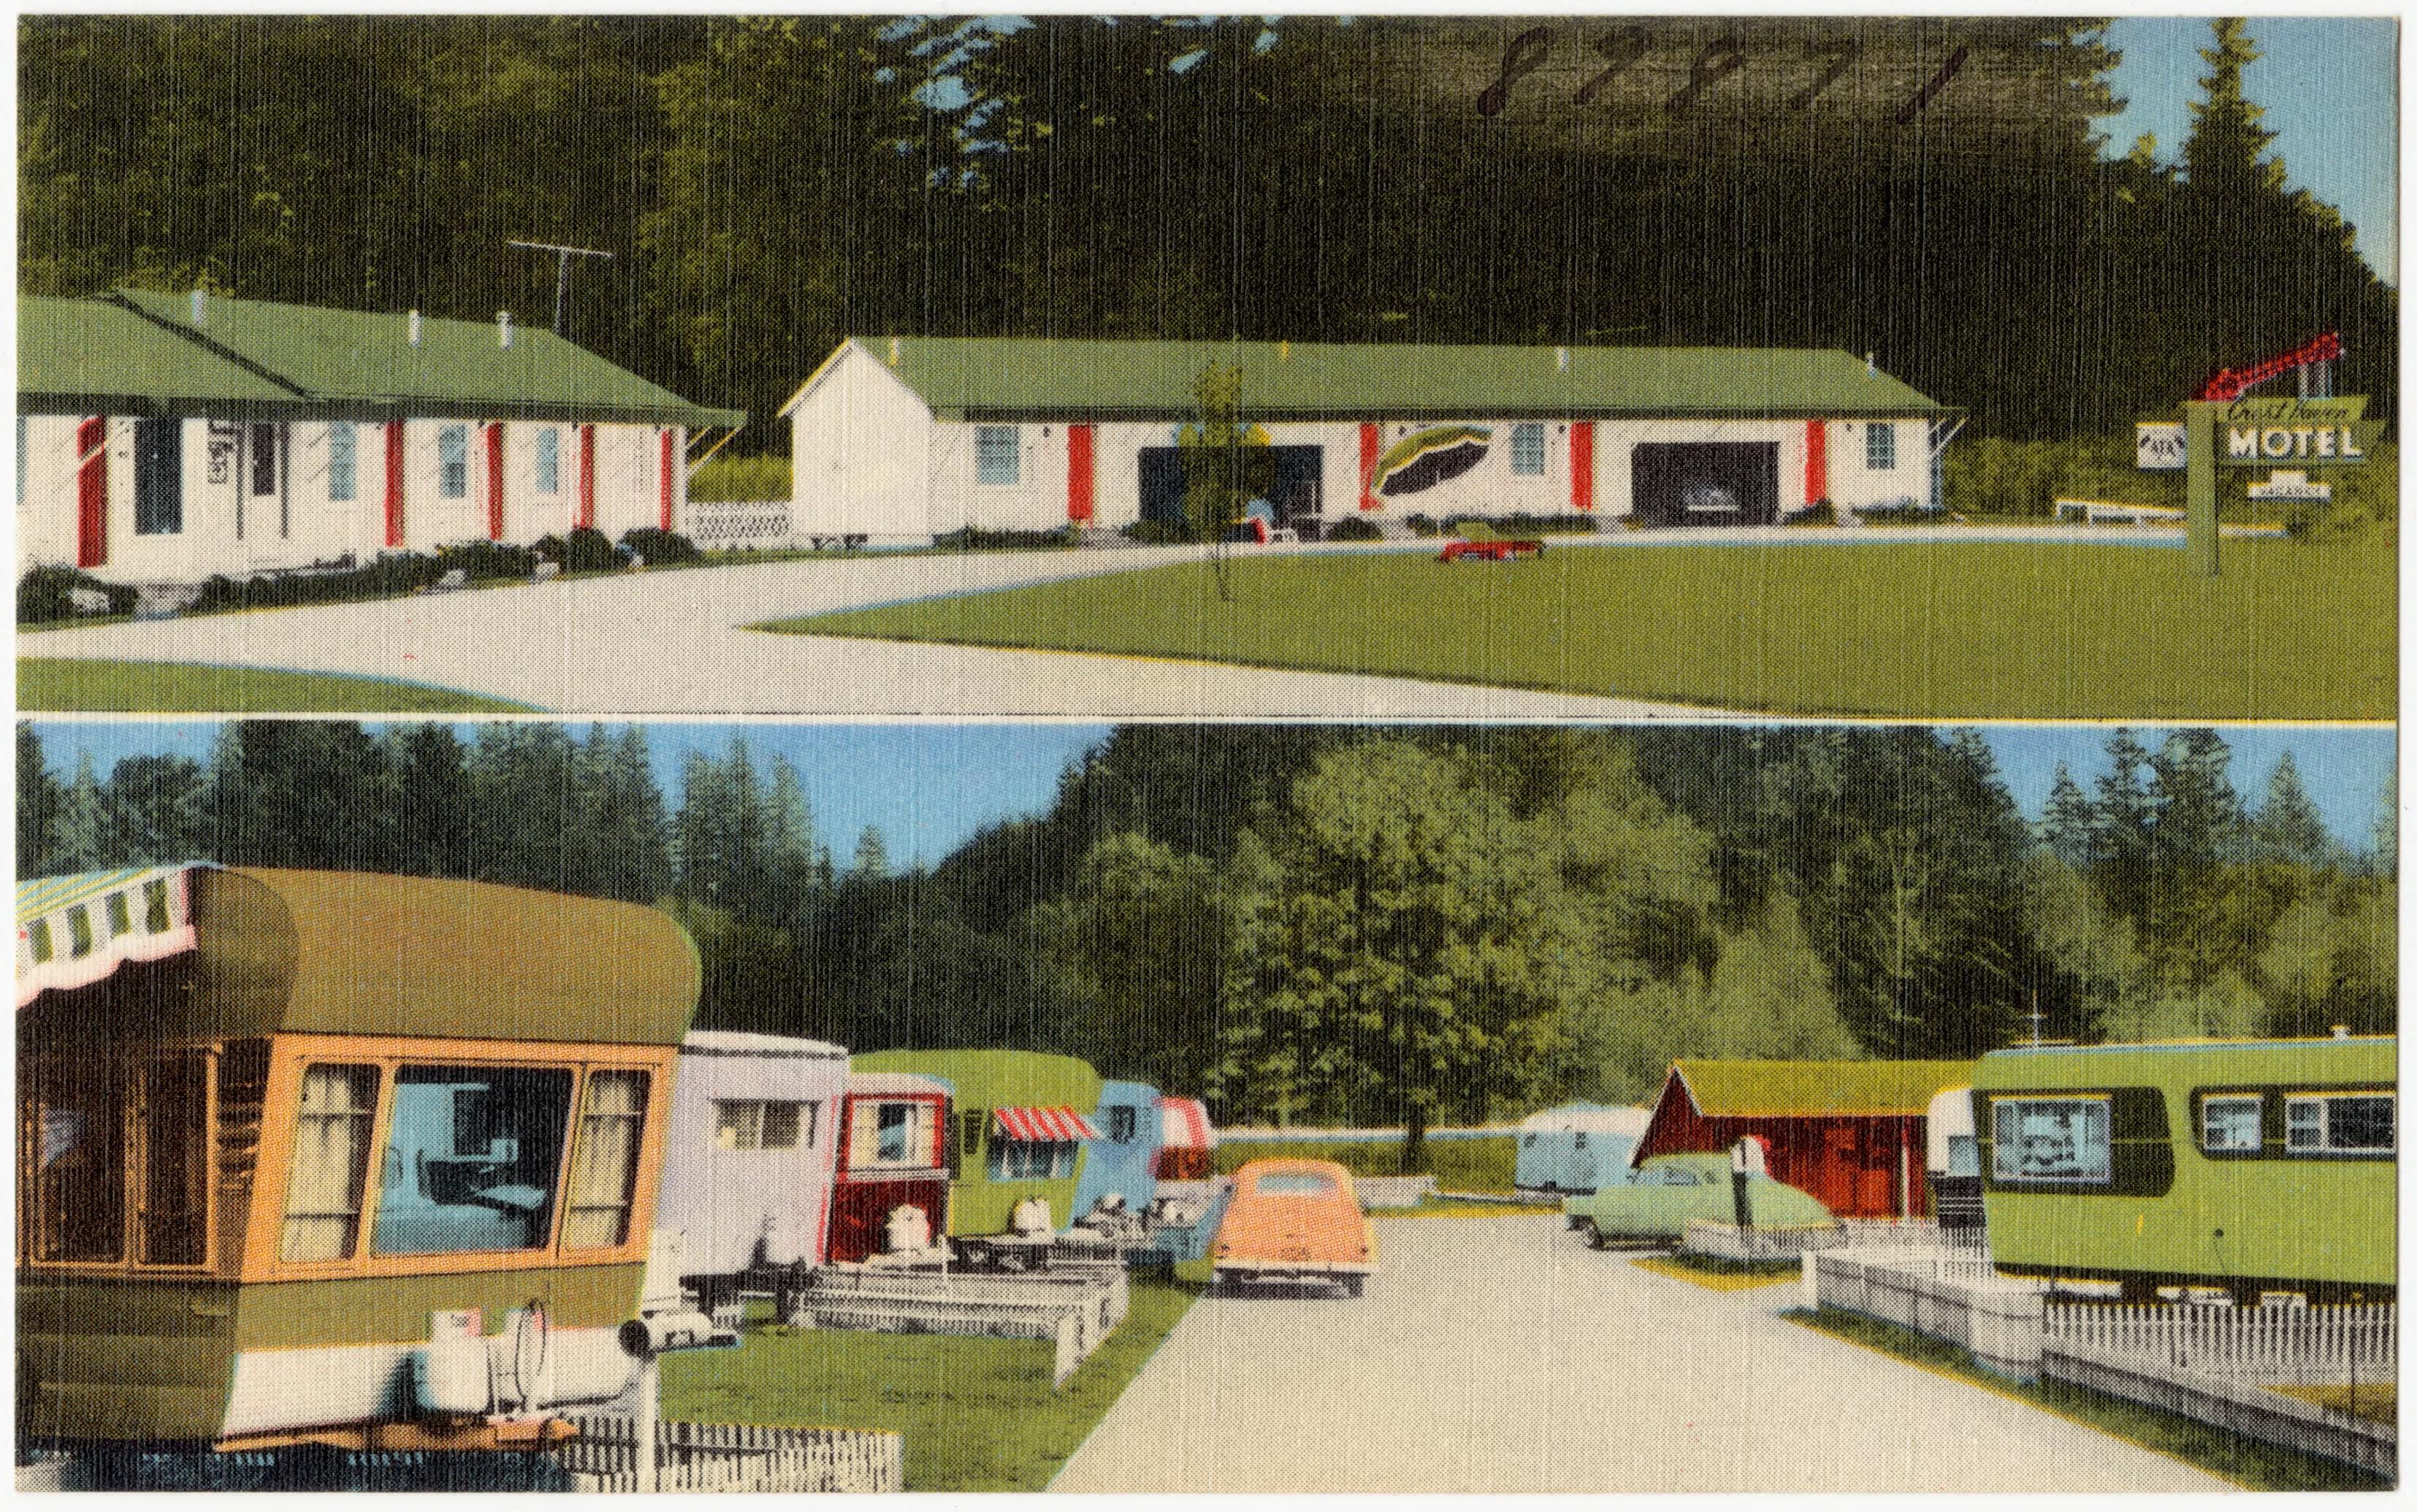 Filecrest Haven Motel And Trailer Park 2400 Samish Highway On 99